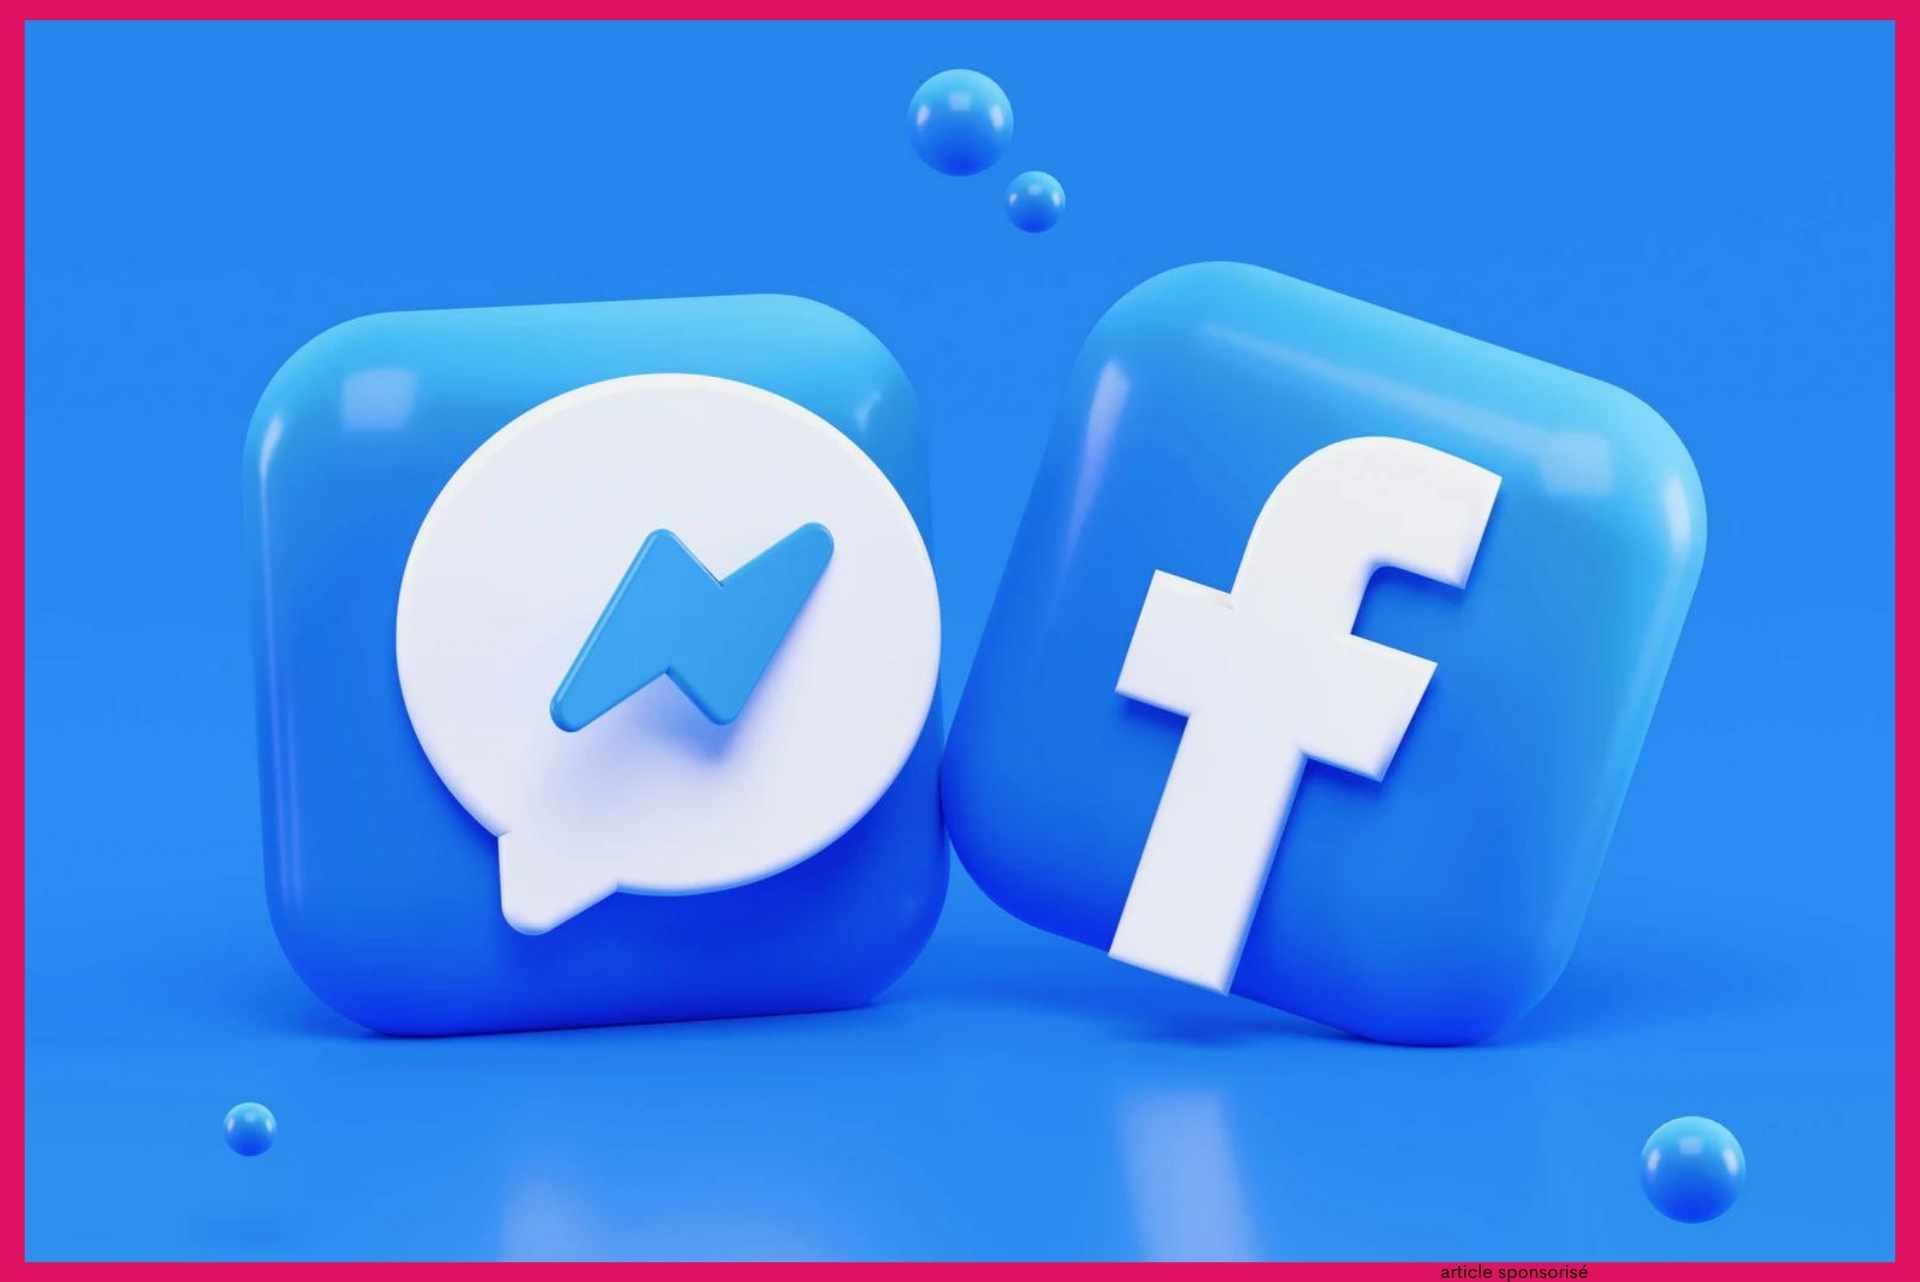 Les moyens les plus simples de pirater un compte Facebook sans se faire prendre